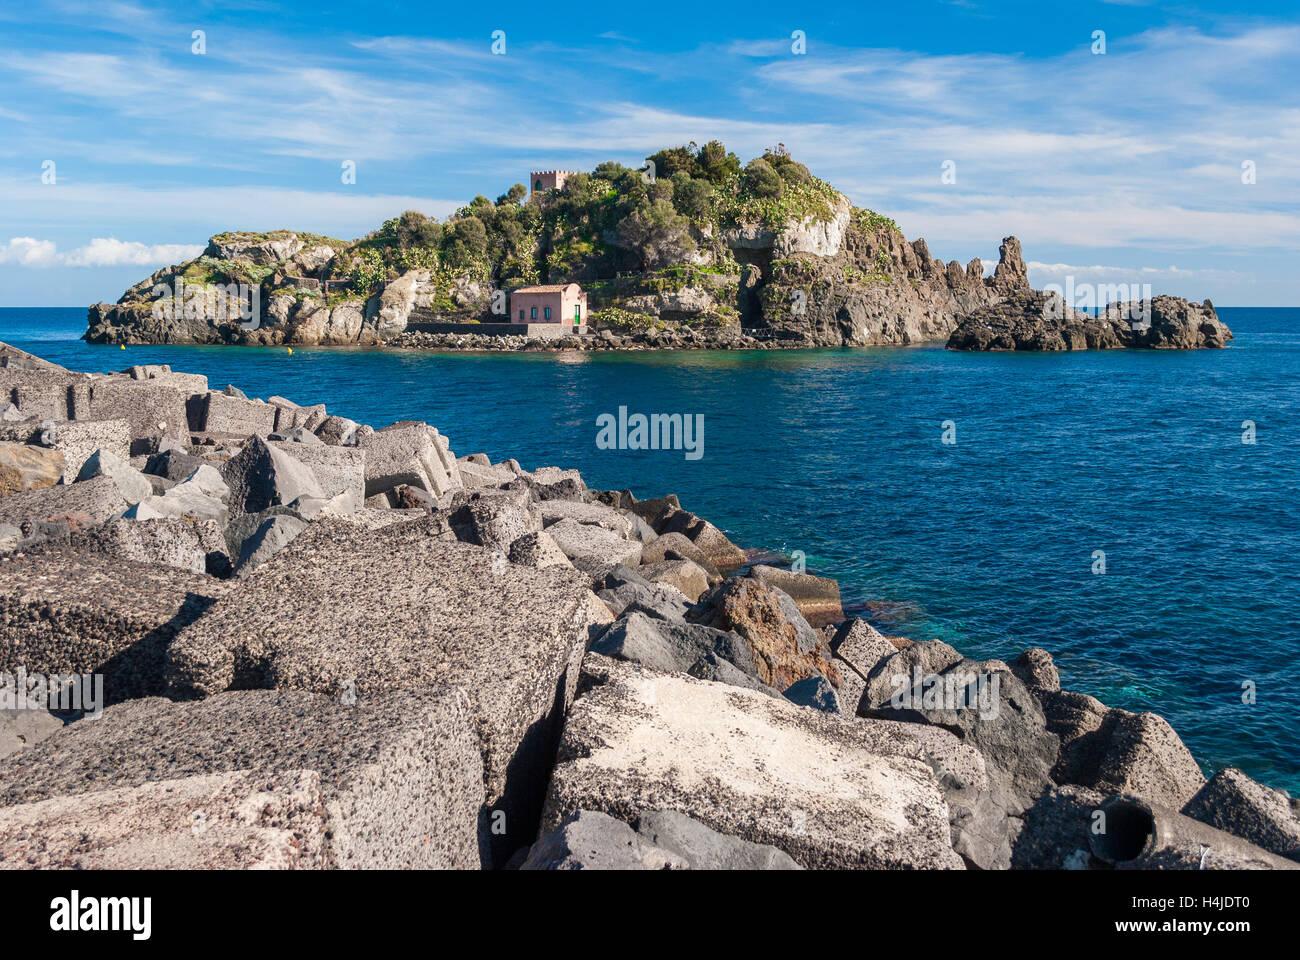 """Die Insel Lachea in der Küste der """"Riviera dei Ciclopi"""", in der Nähe von Catania Stockbild"""